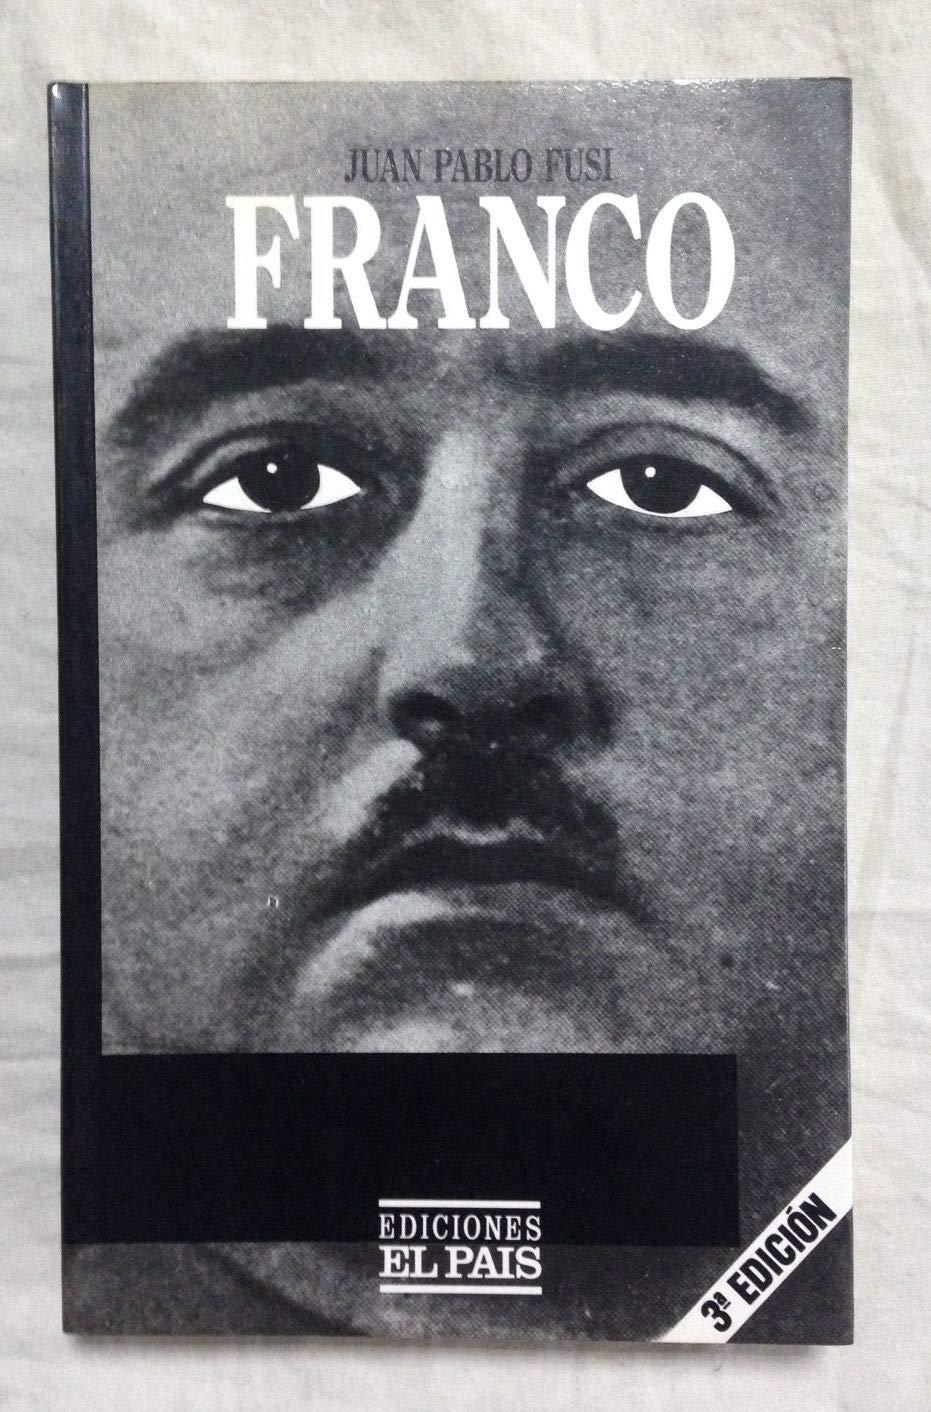 FRANCO. Autoritarismo y poder personal: Amazon.es: Fusi, Juan Pablo: Libros